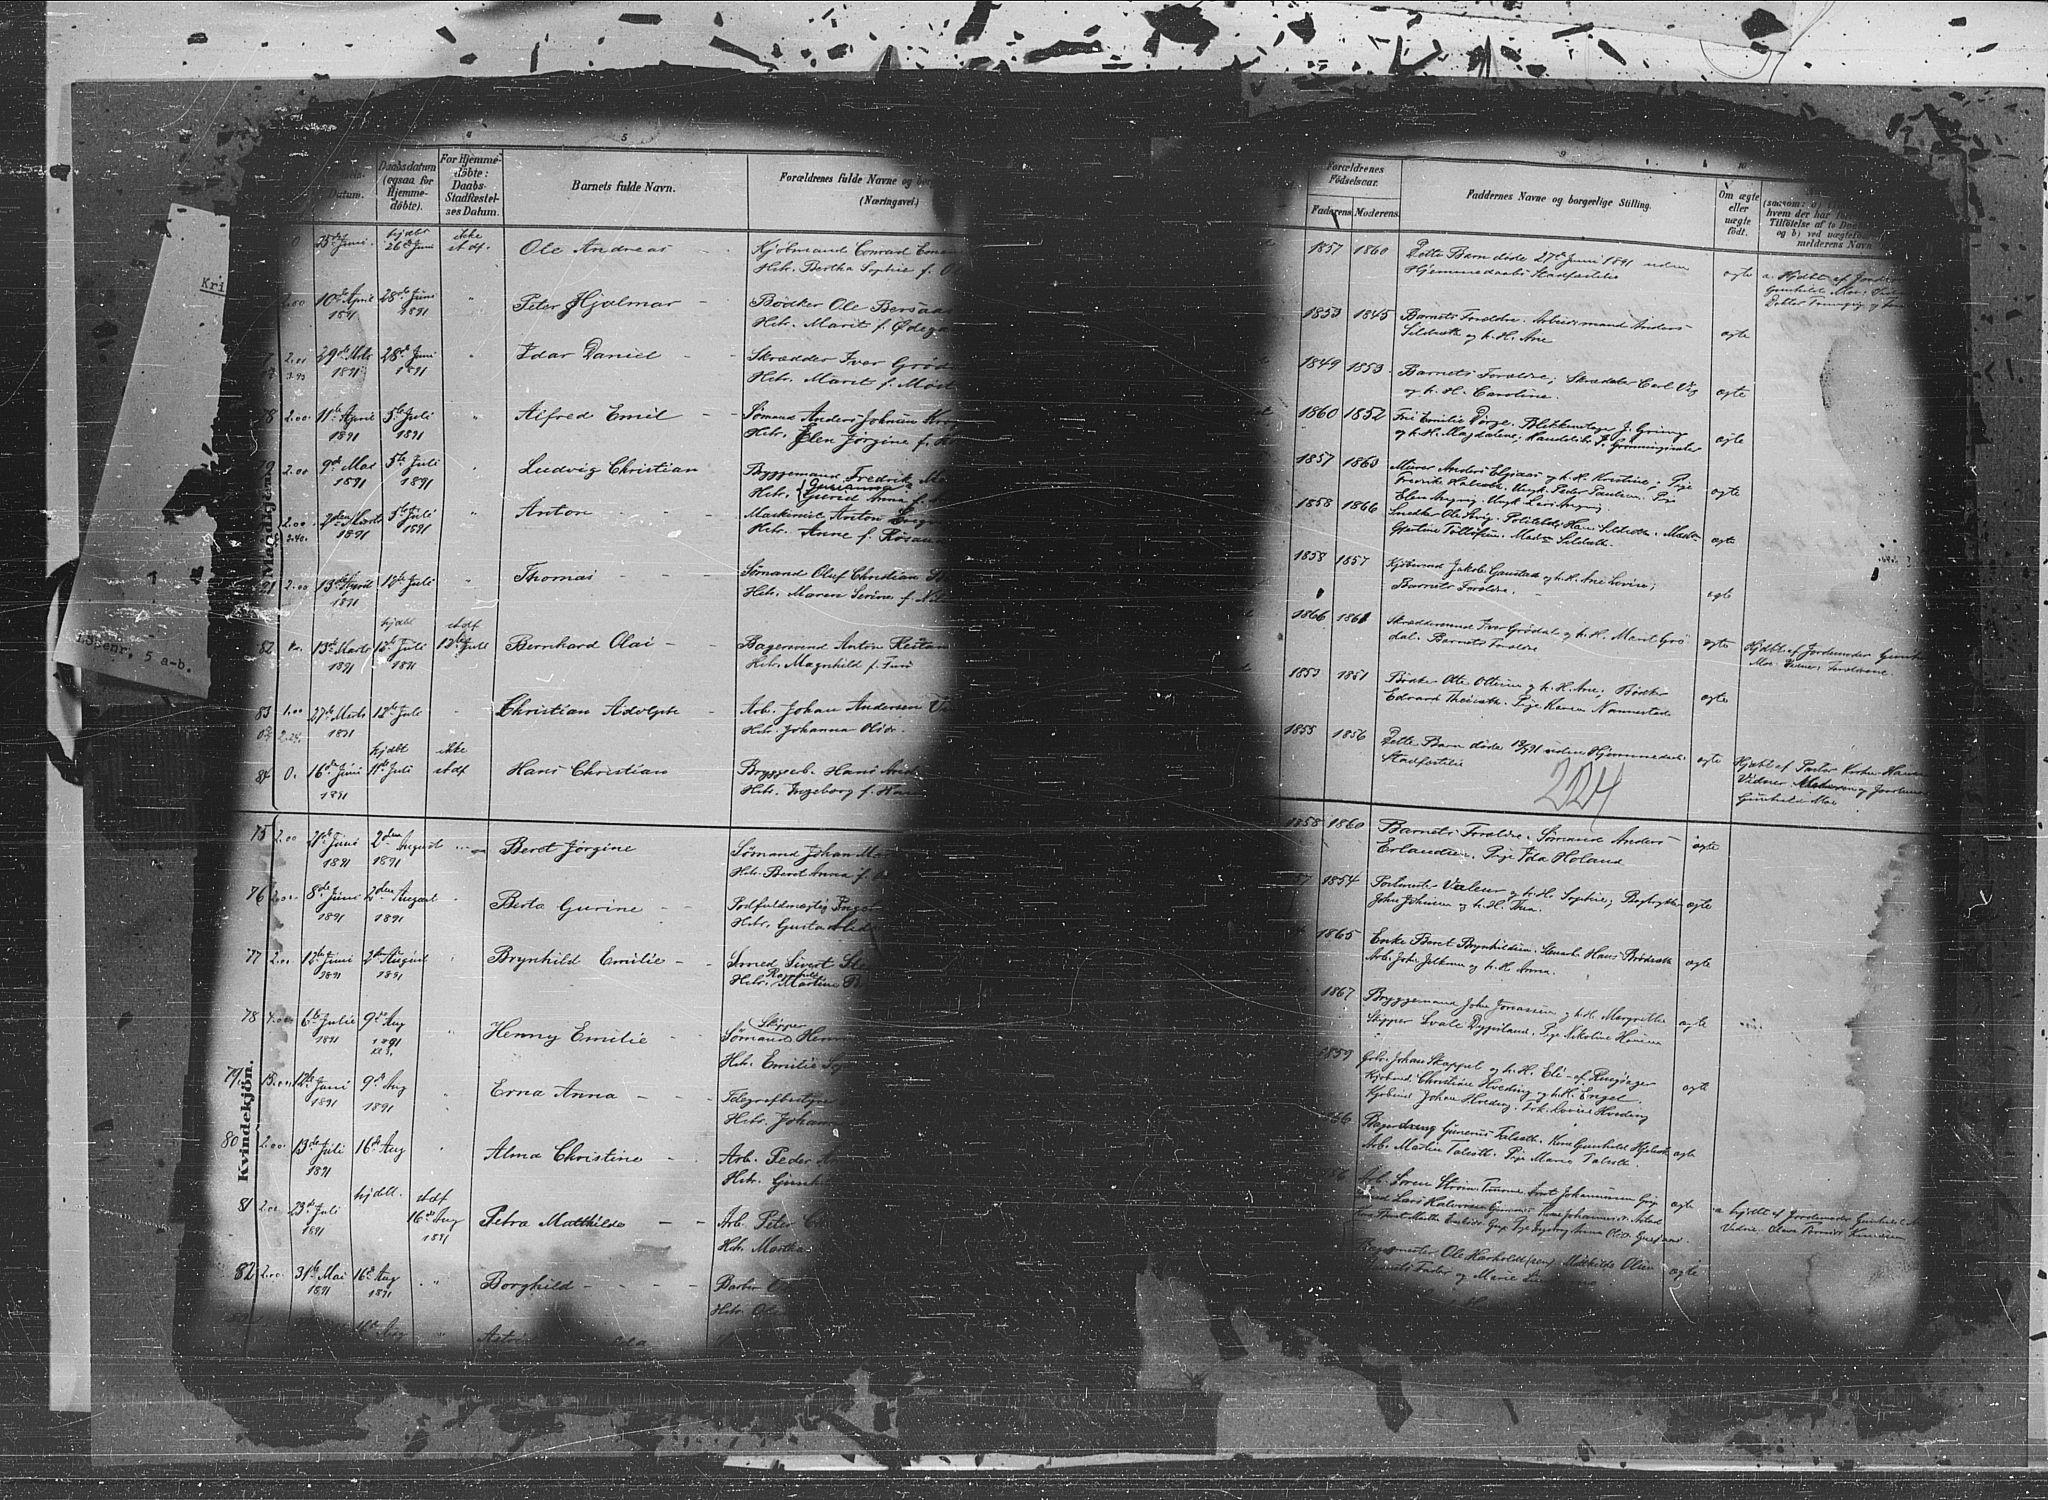 SAT, Ministerialprotokoller, klokkerbøker og fødselsregistre - Møre og Romsdal, 572/L0851: Ministerialbok nr. 572A14, 1880-1897, s. 224